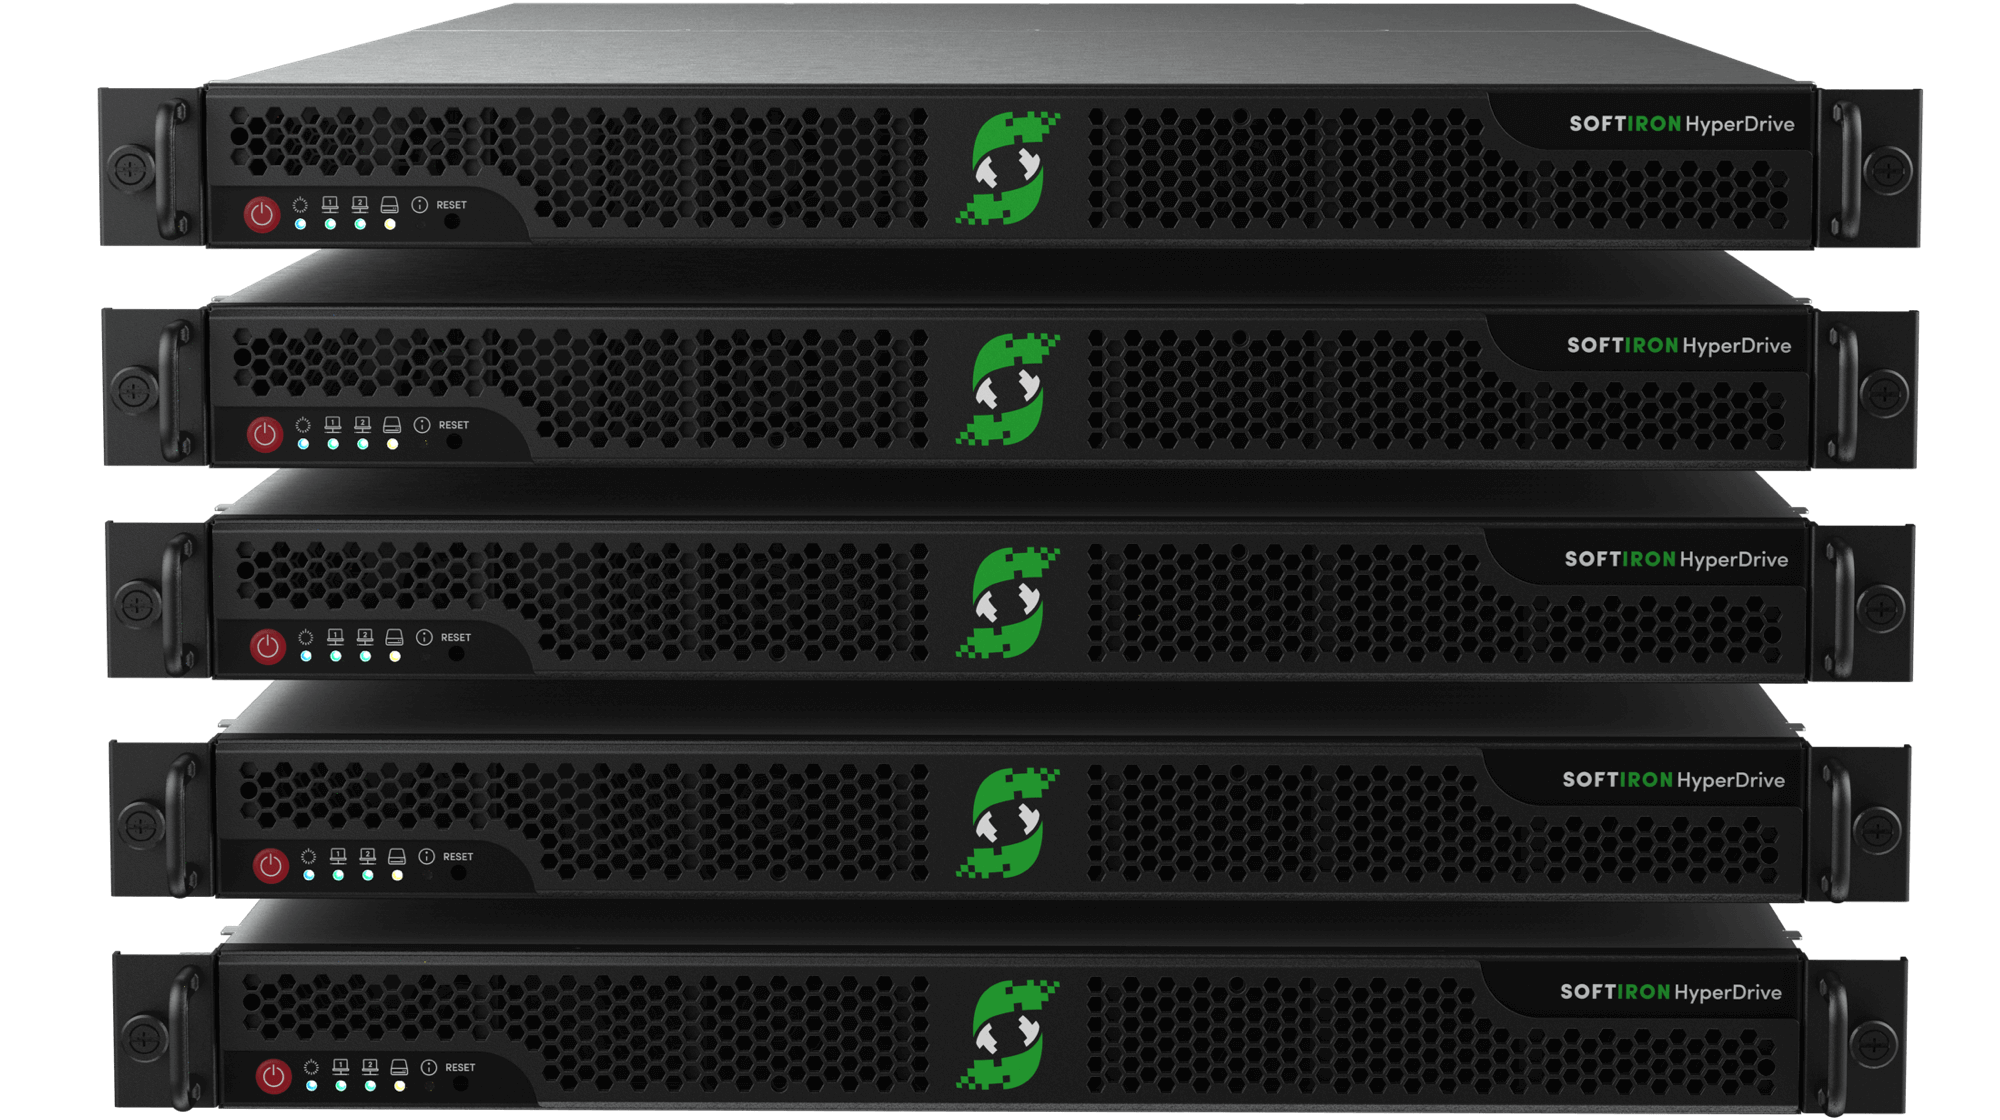 Photo render of Storage